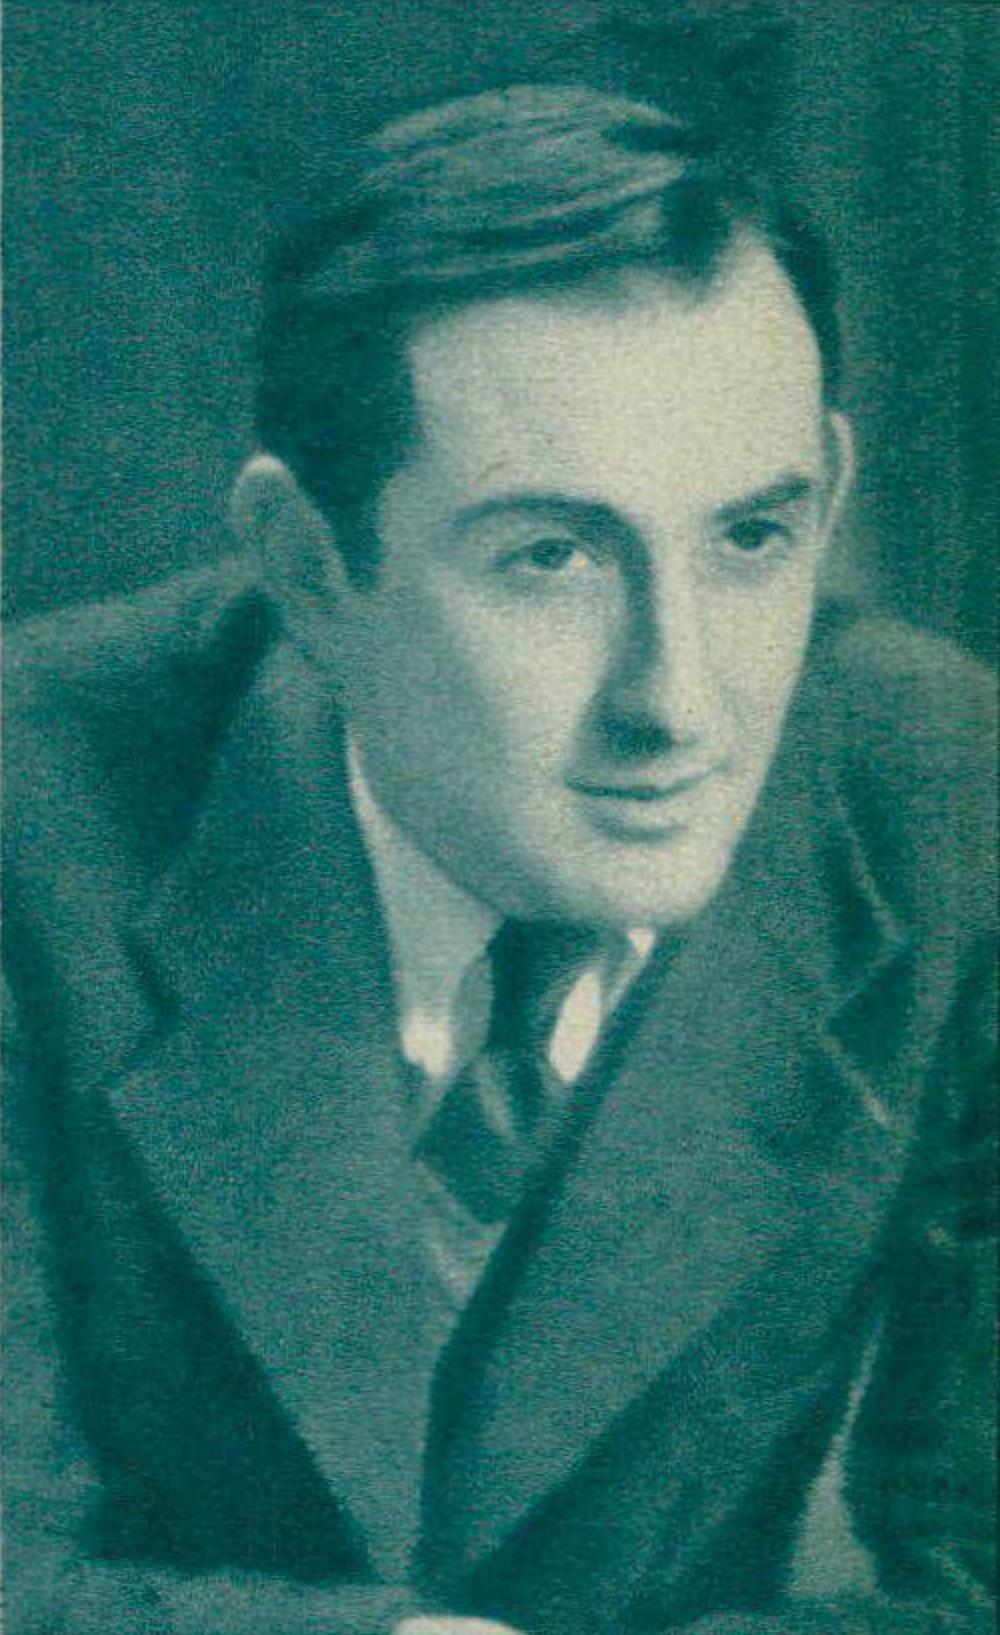 Nikita MAGALOFF, un portrait publié - entre autres - dans la revue Le Radio du 19 janvier 1940 en page 68, cliquer pour un agrandissement